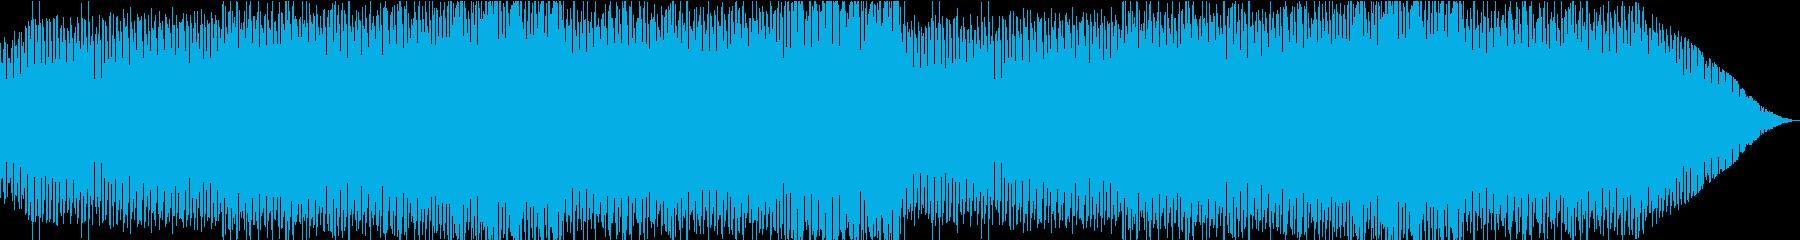 アップテンポで慌ただしい、コミカルな曲の再生済みの波形